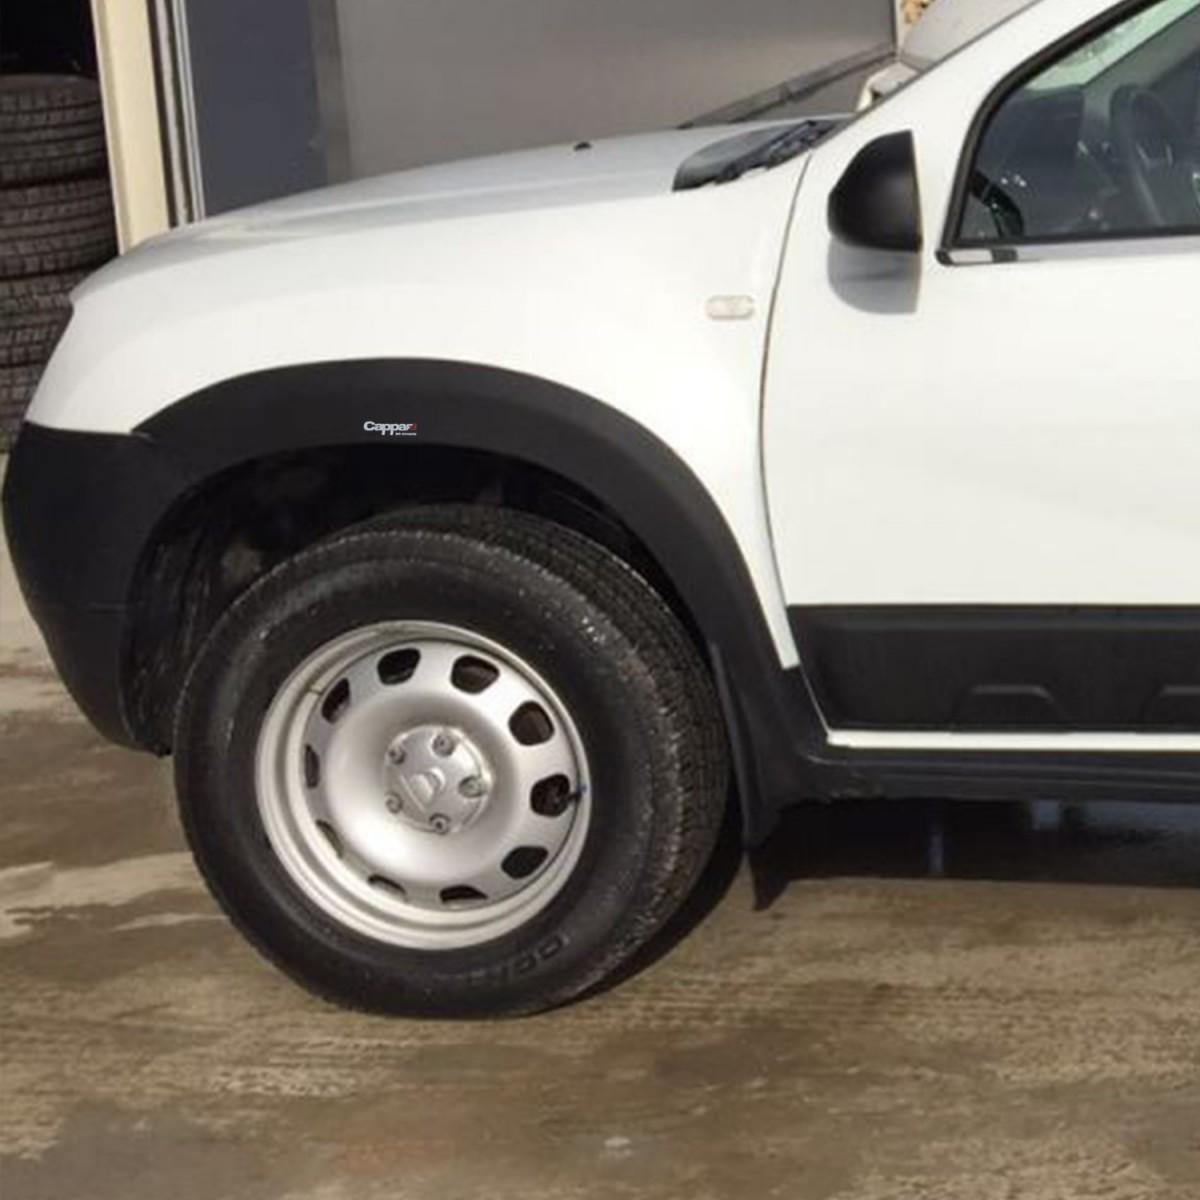 Dacia Duster Çamurluk Dodik 2013-2017 Yılı Arası Yılı Arası 8 Parça